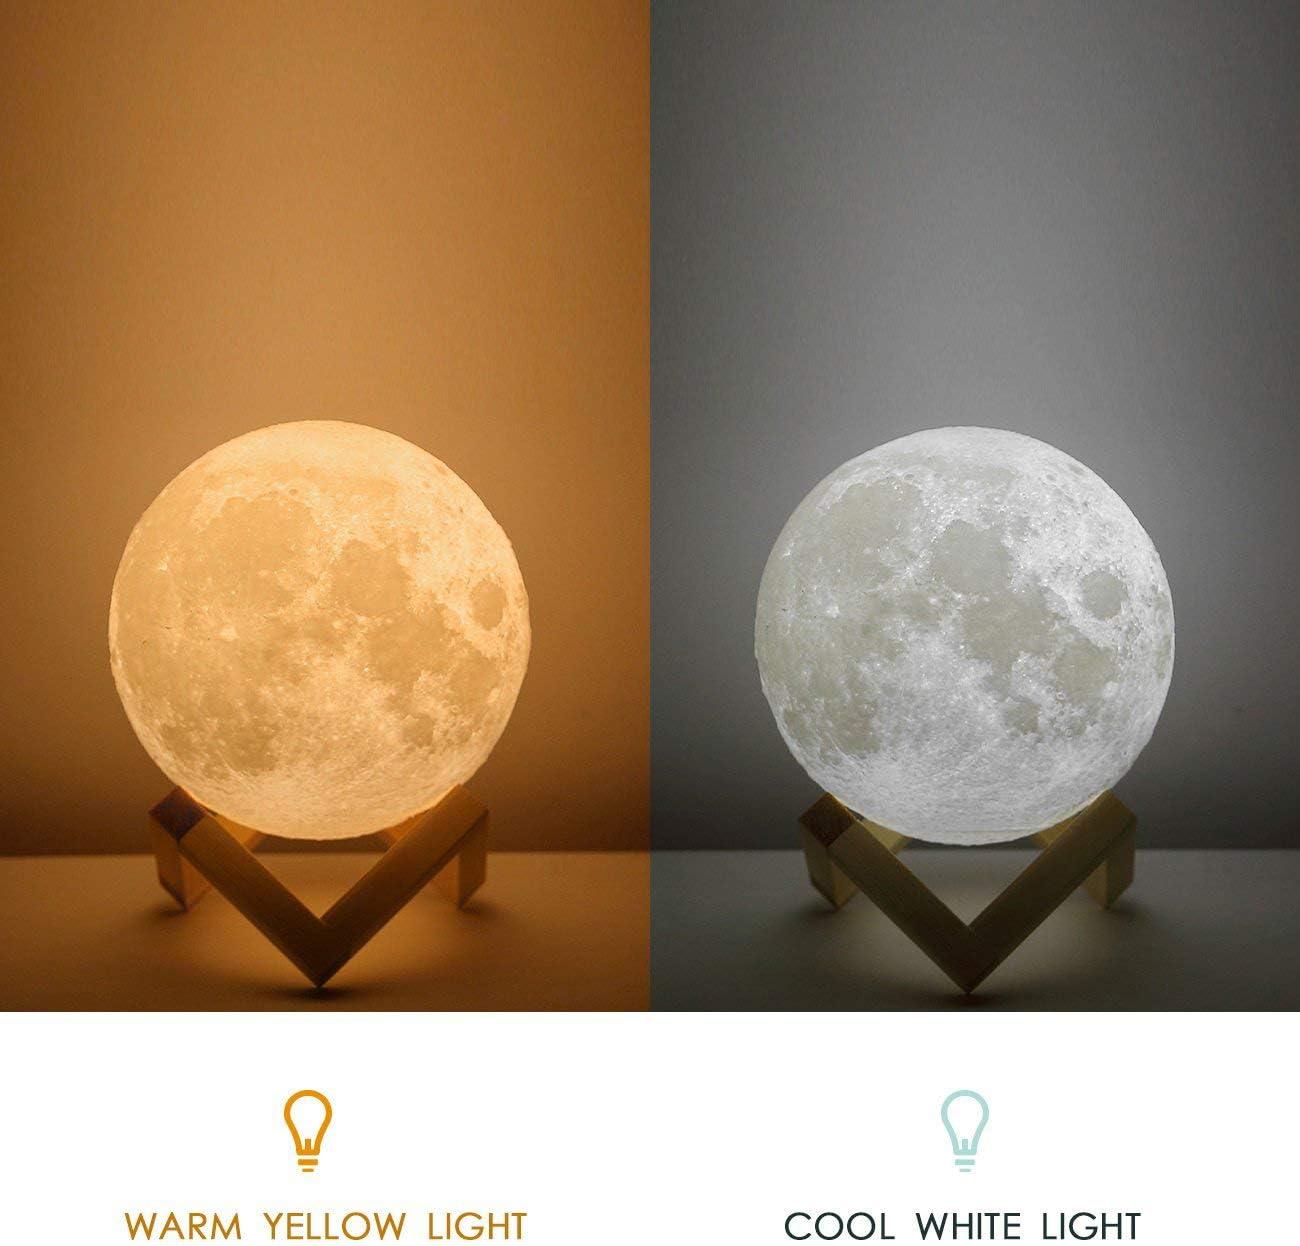 15cm Lampara Luna Nocturna Control Remoto /& T/áctil Cargador USB L/ámpara de Ambiente para Regalo de Fiesta L/ámpara de Luna Uten-AGM 16 Colores LED Luz Luna